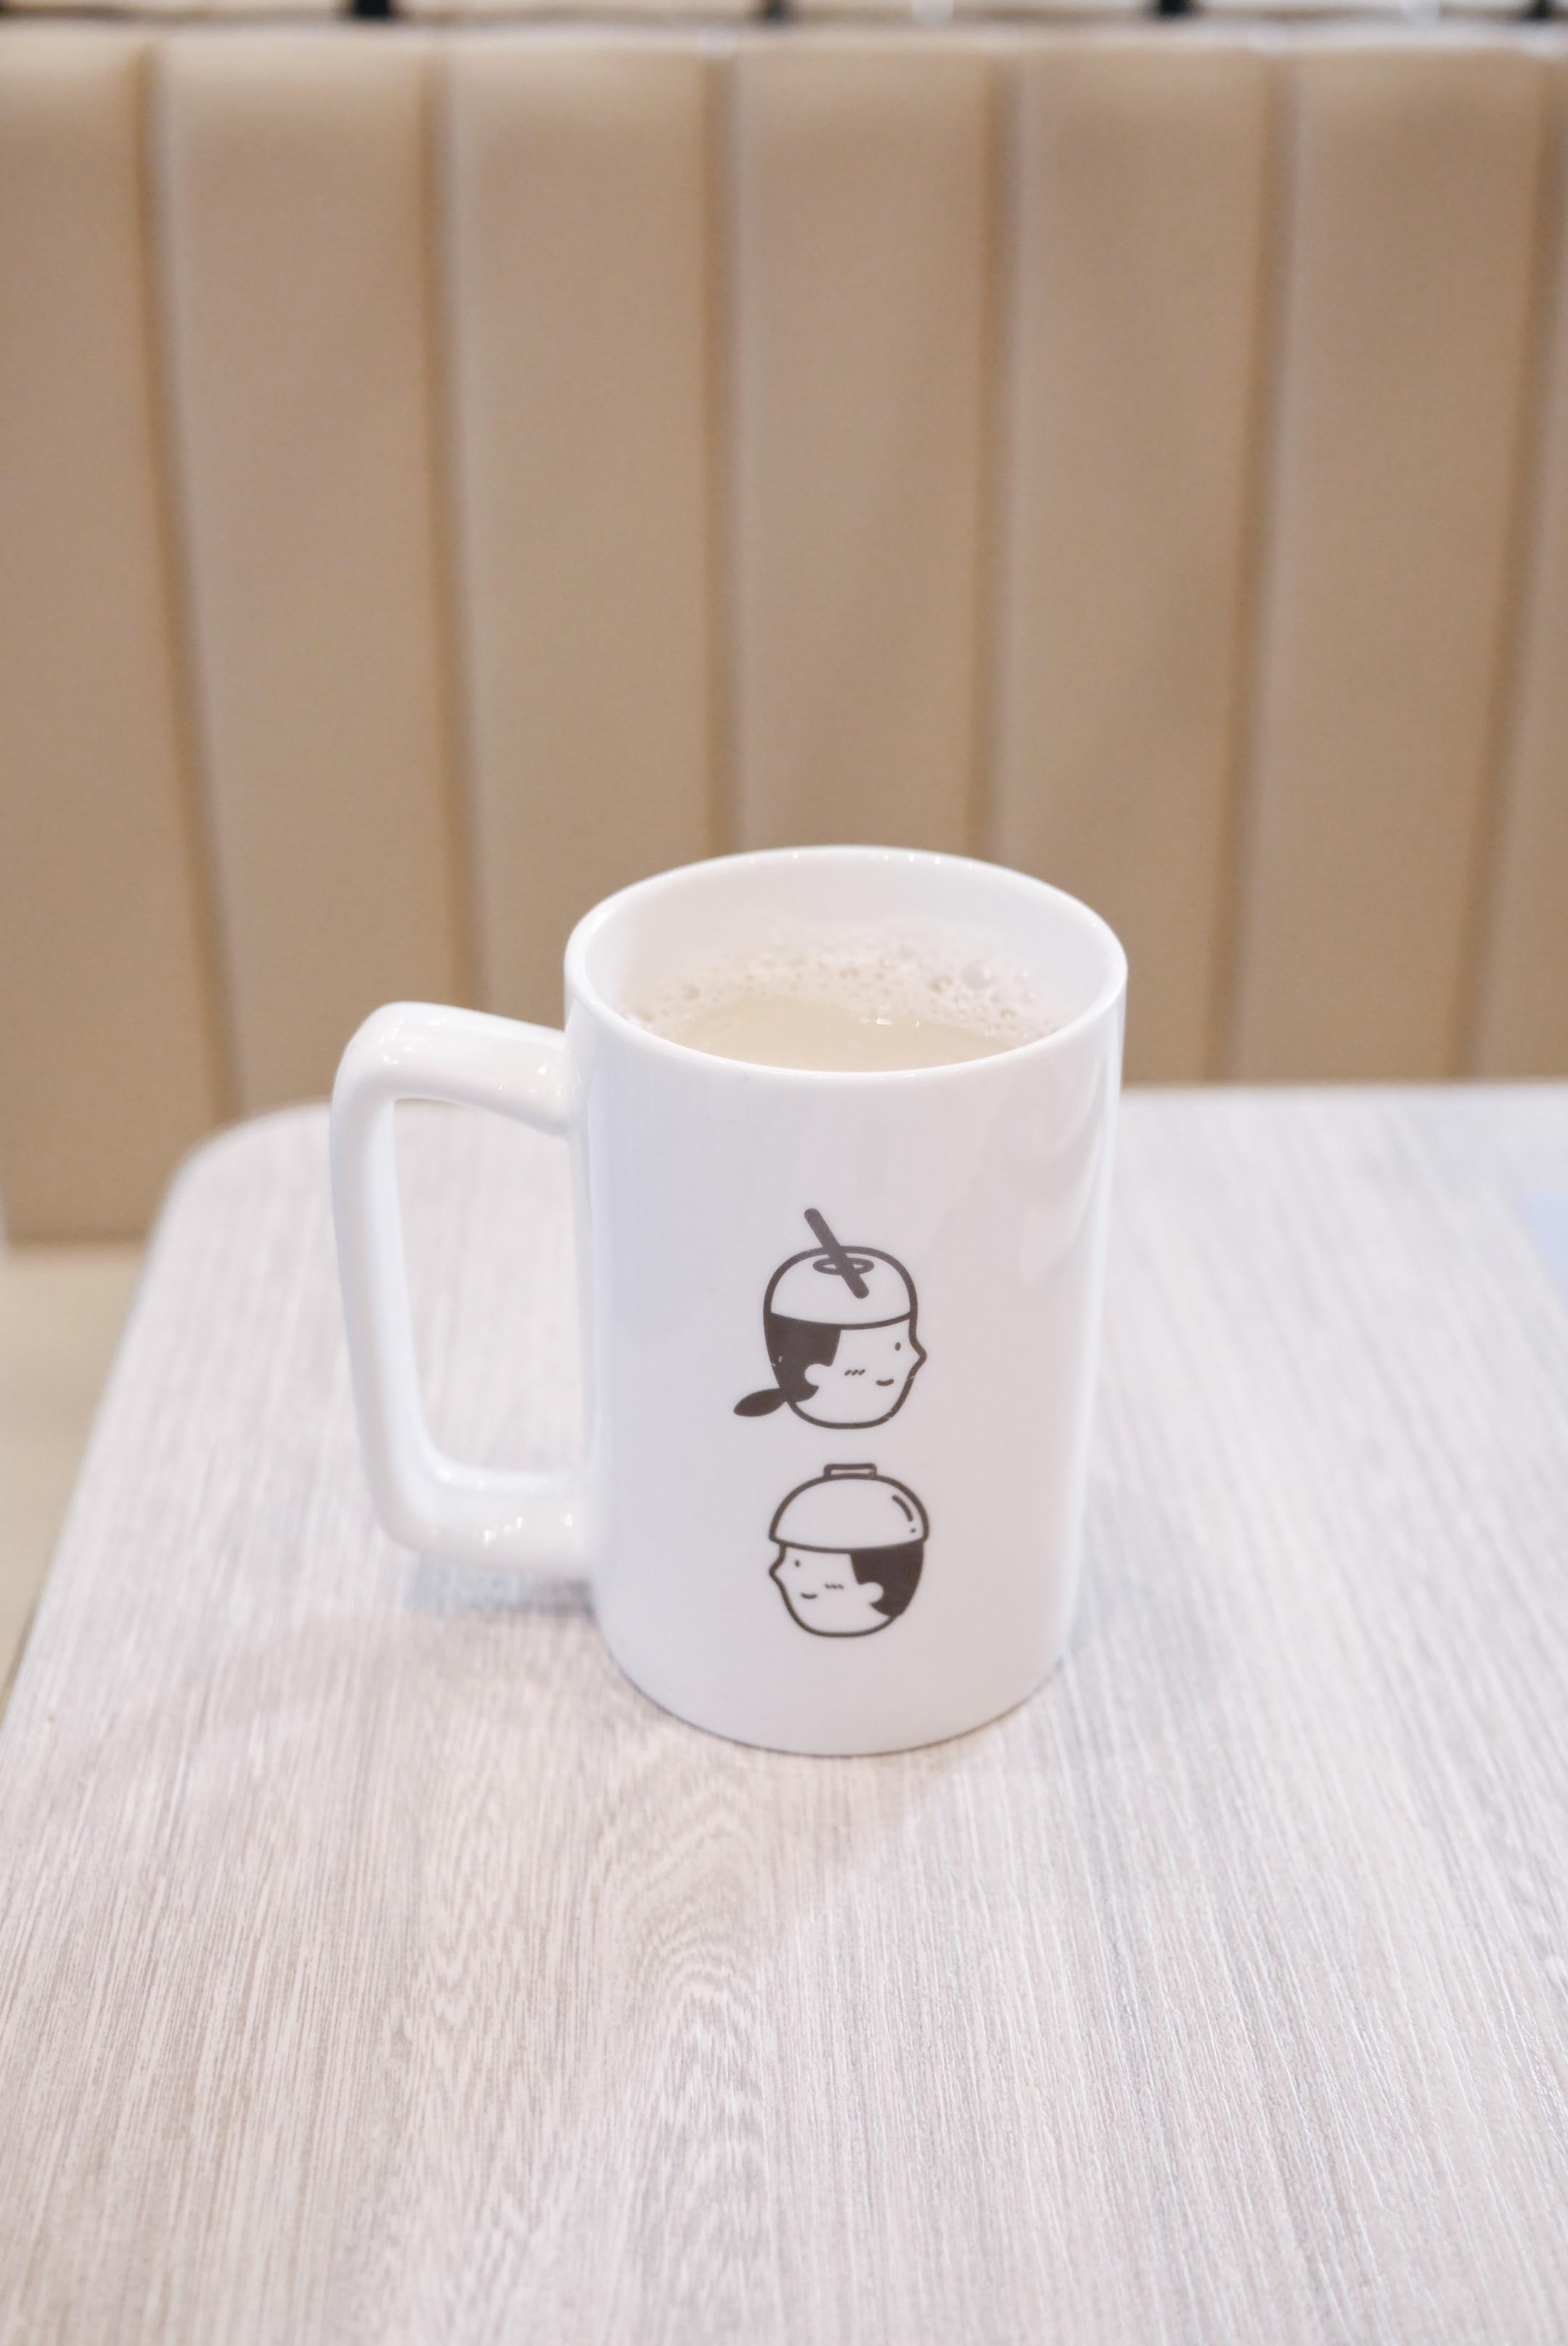 珍珠奶茶的珍珠更多就好了。